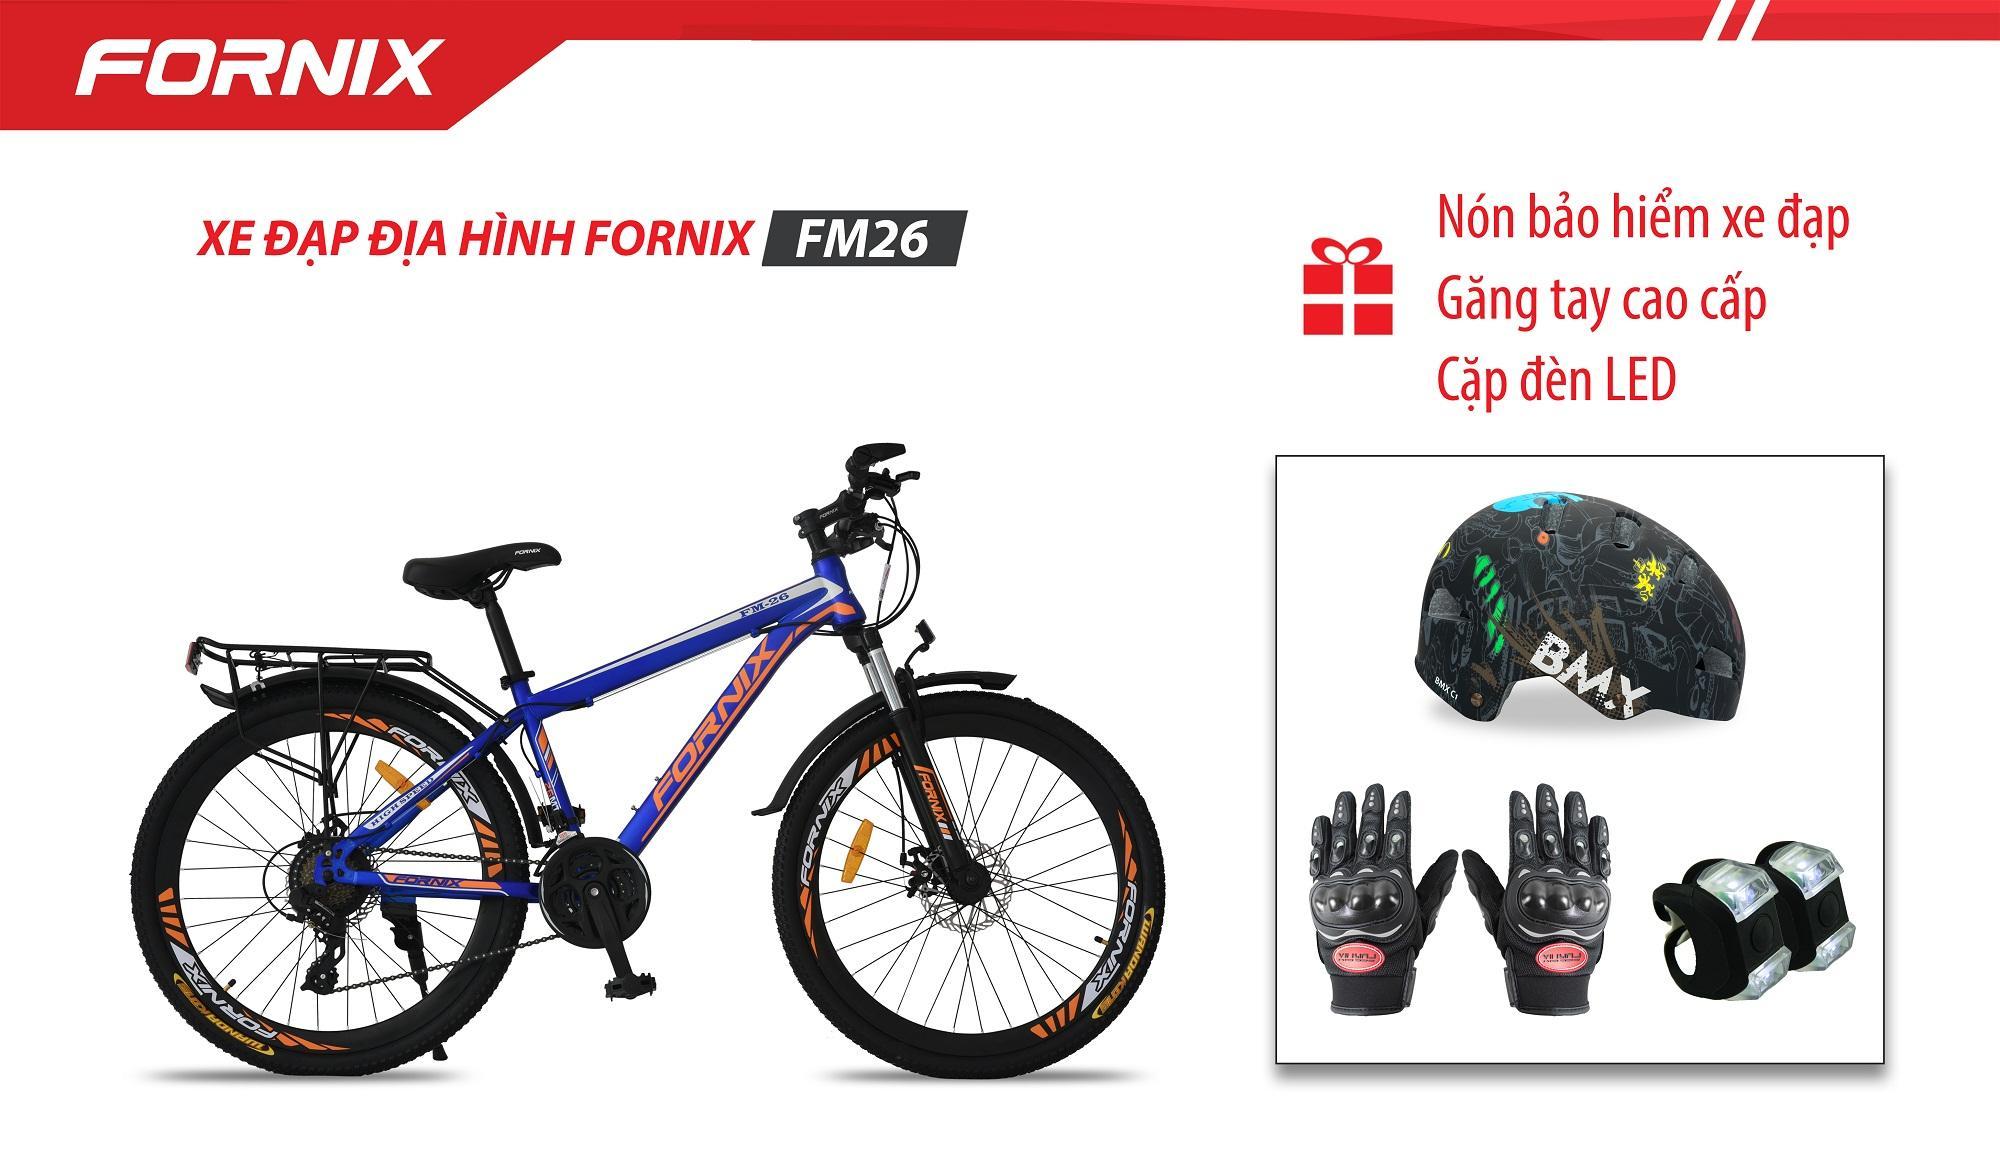 Xe đạp địa hình thể thao Fornix FM26 + (Gift) Cặp đèn LED, Nón Bảo Hiểm A02NC1, Găng Tay